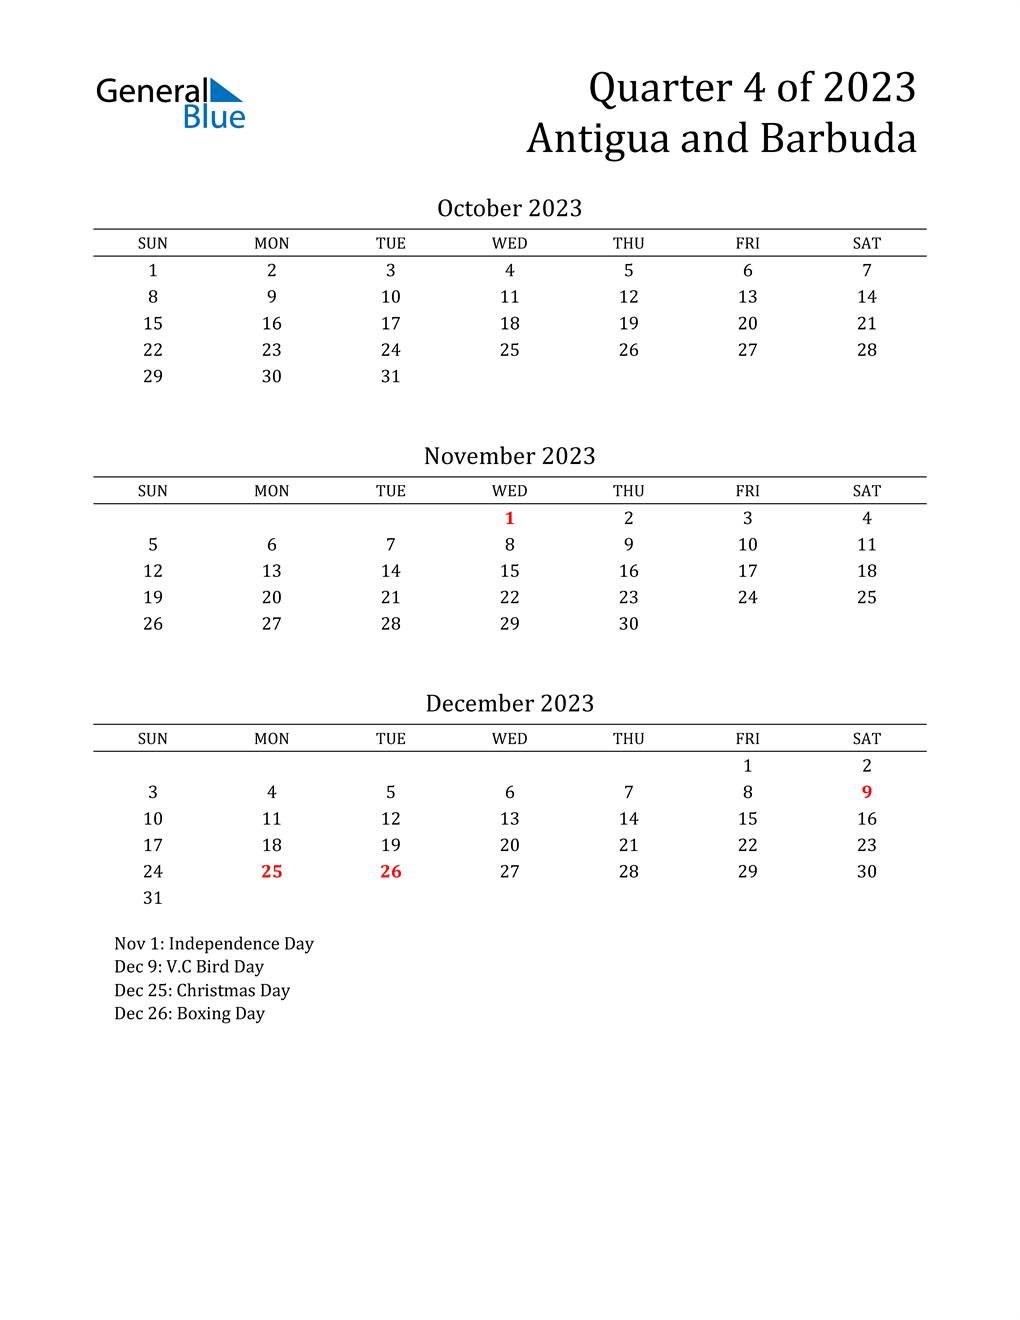 2023 Antigua and Barbuda Quarterly Calendar